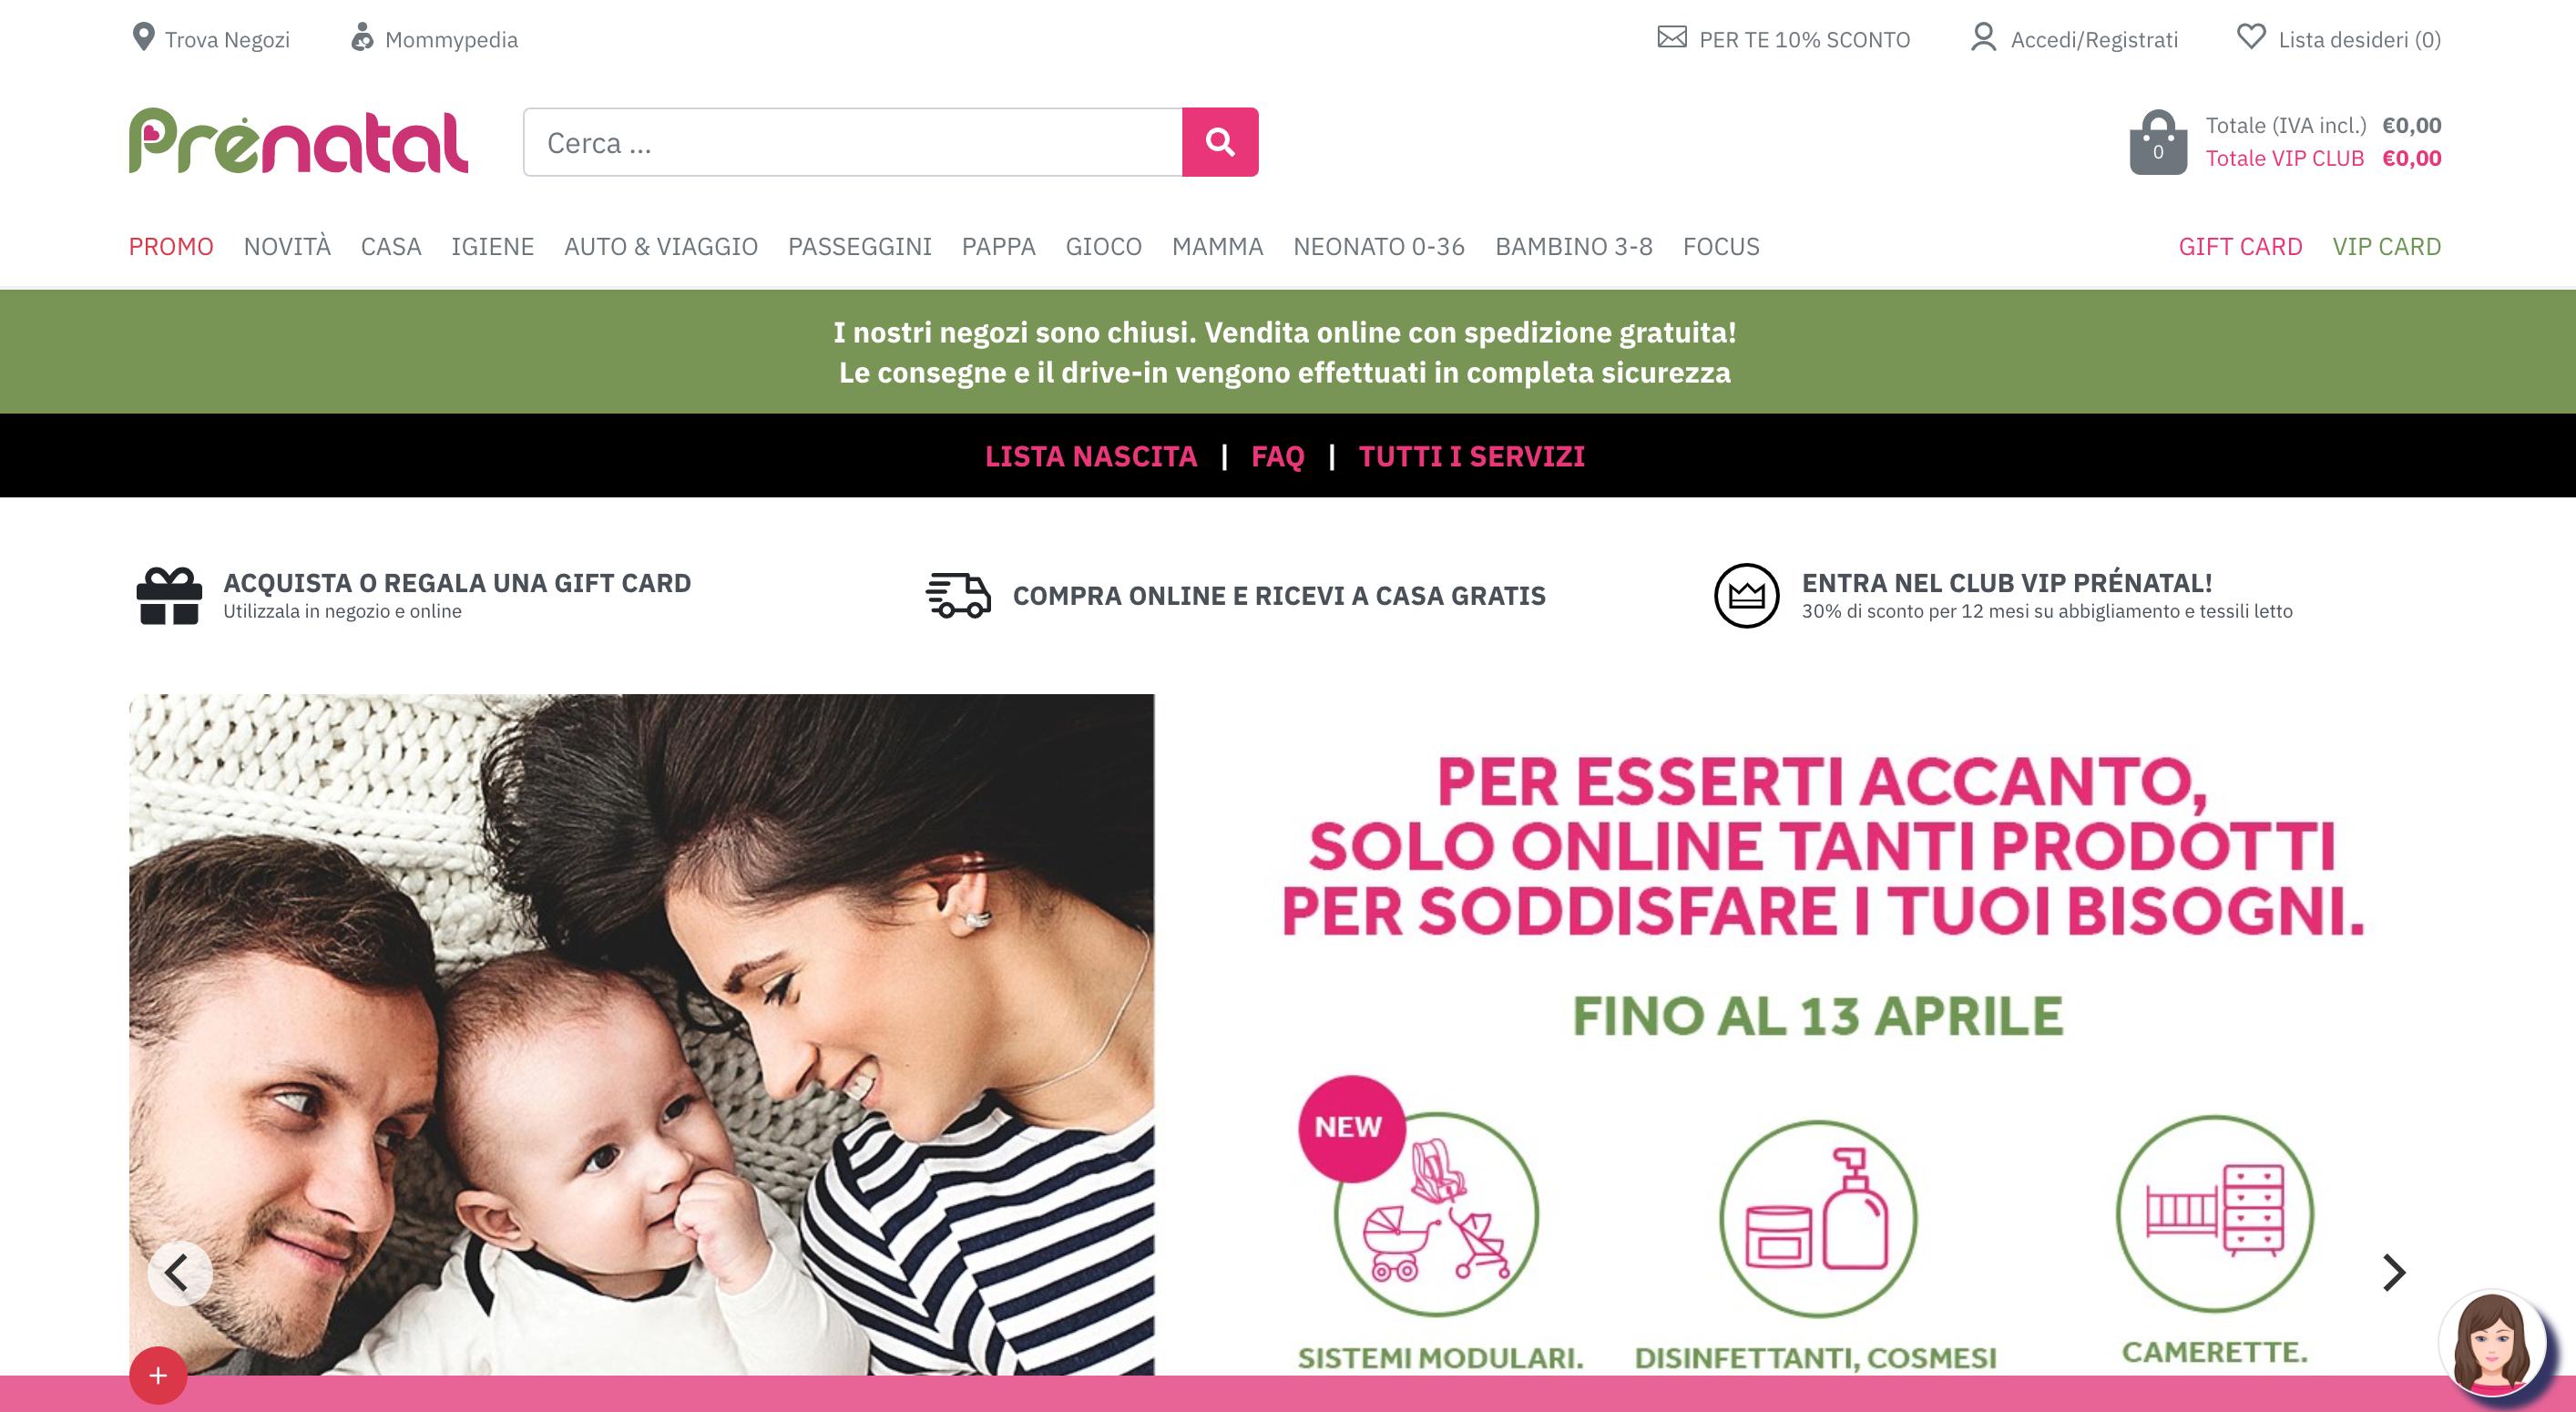 Prenatal abbigliamento per bambini